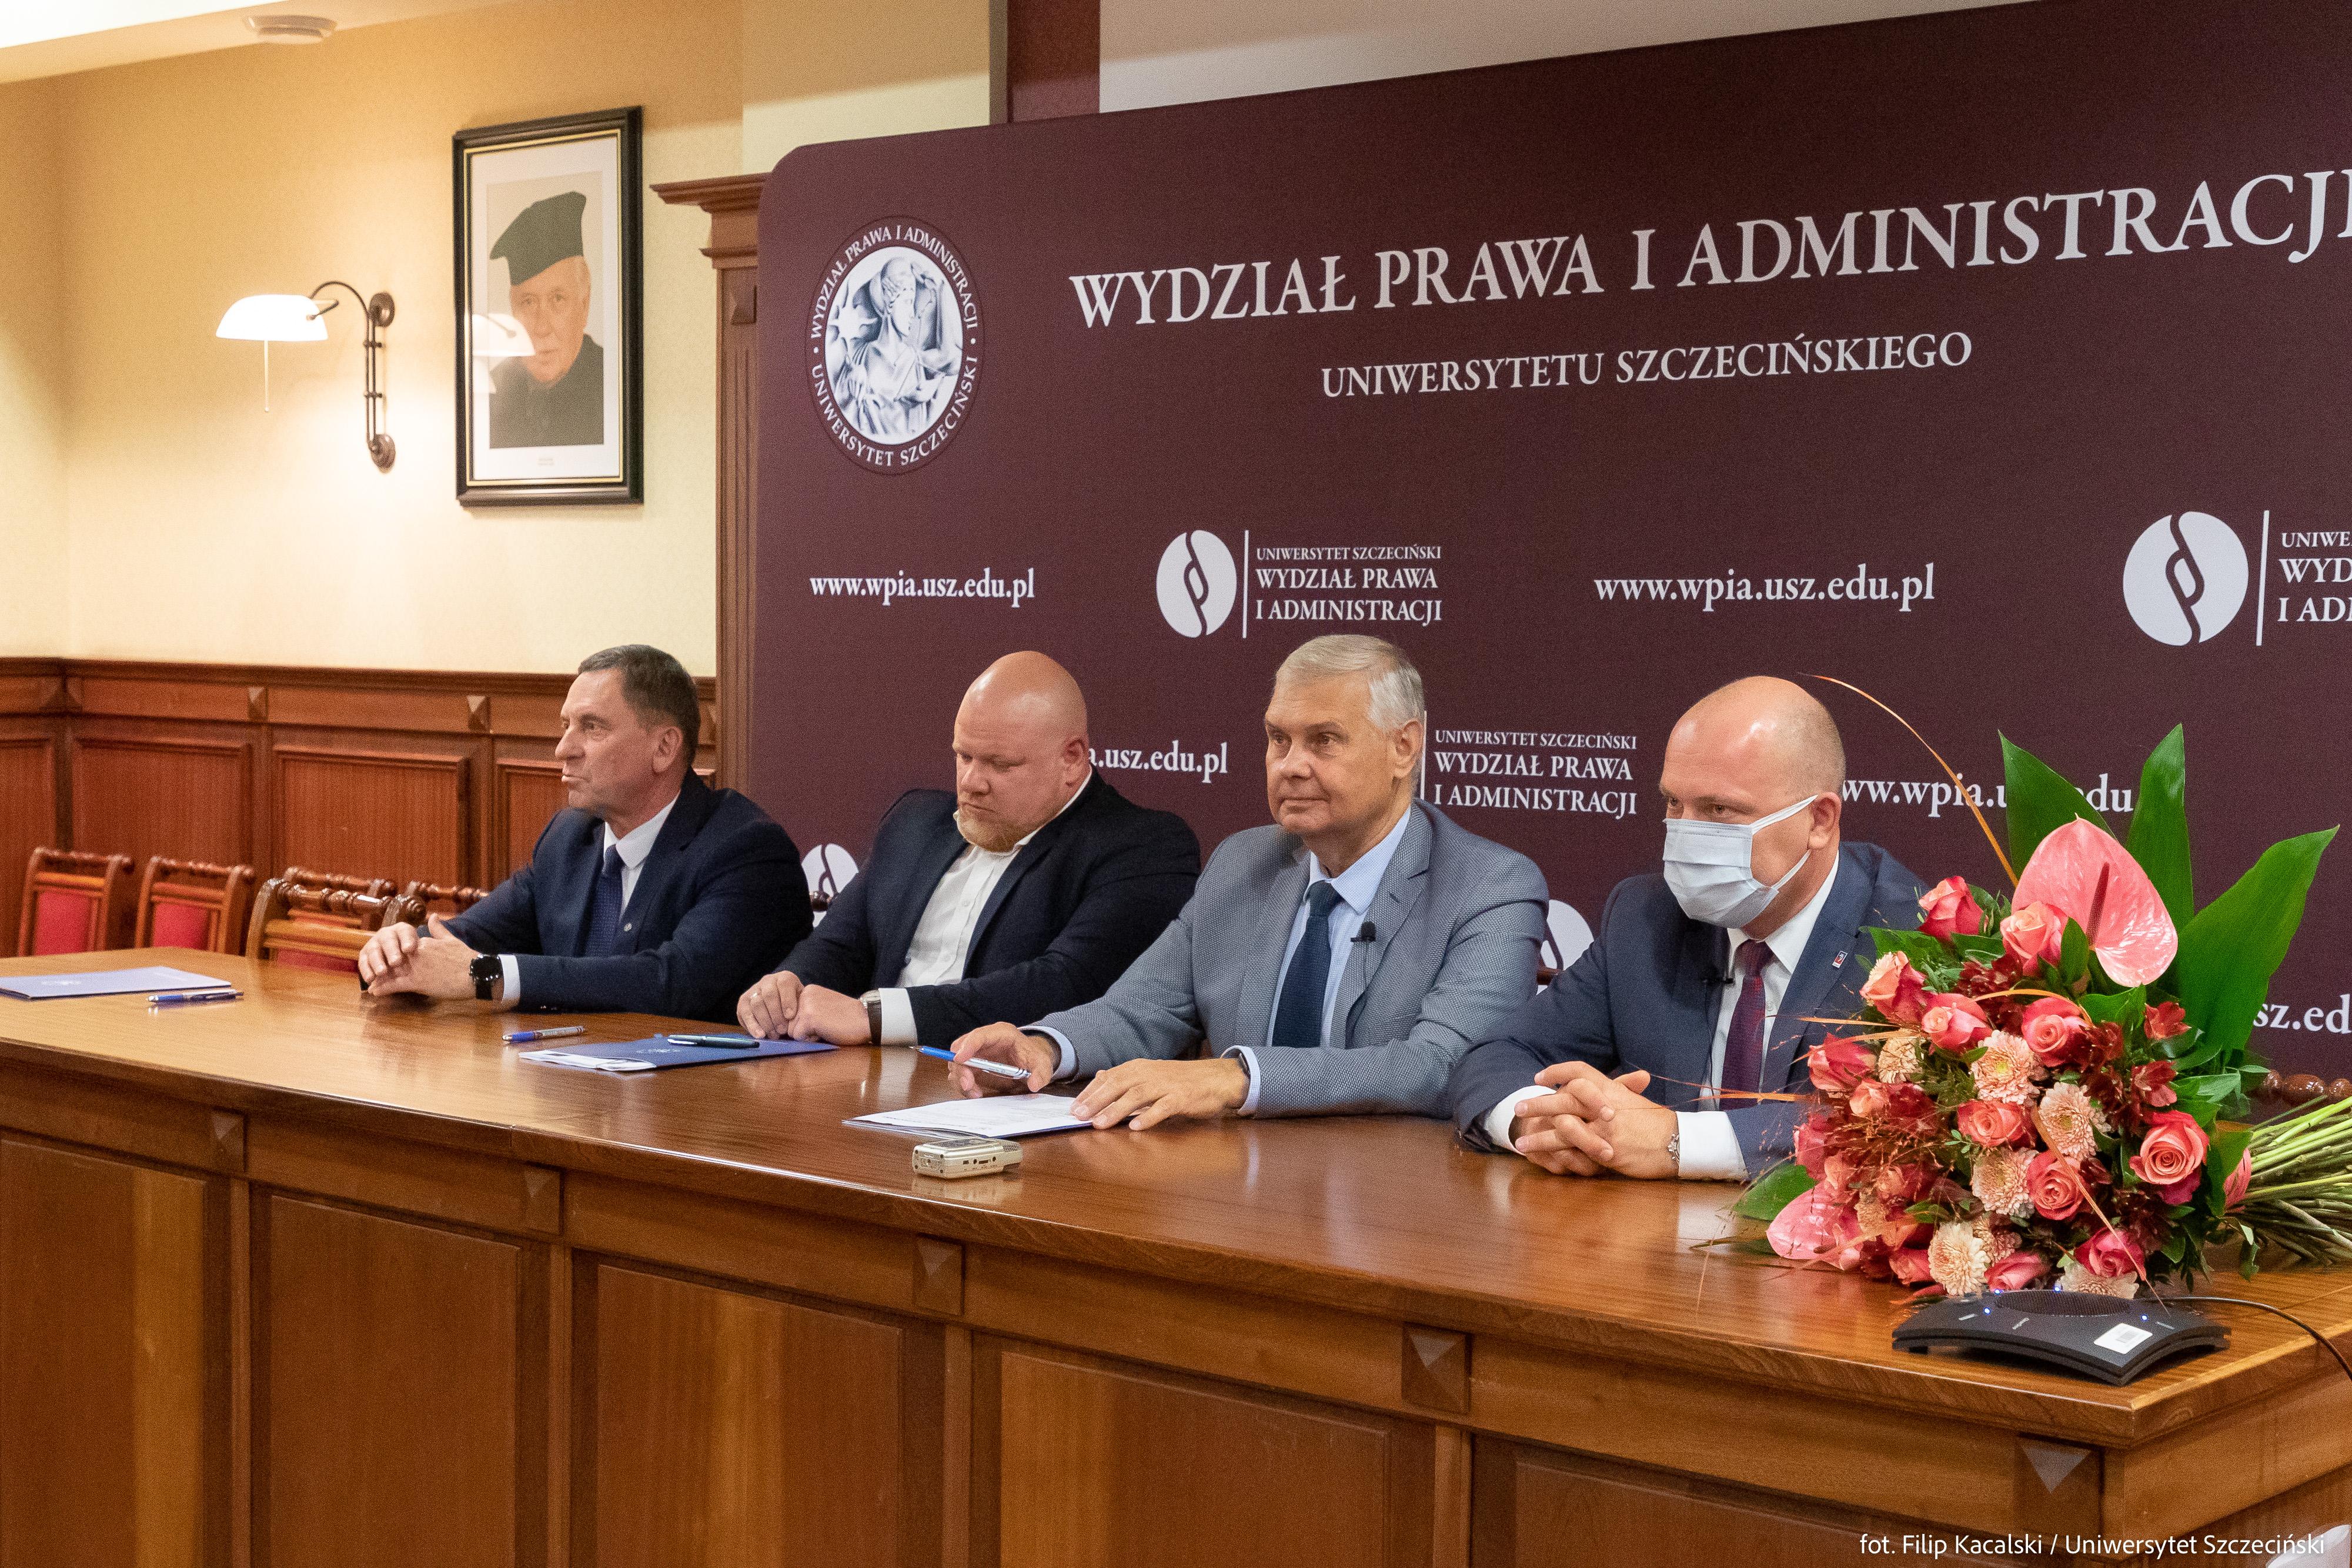 Nowa inwestycja Uniwersytetu Szczecińskiego